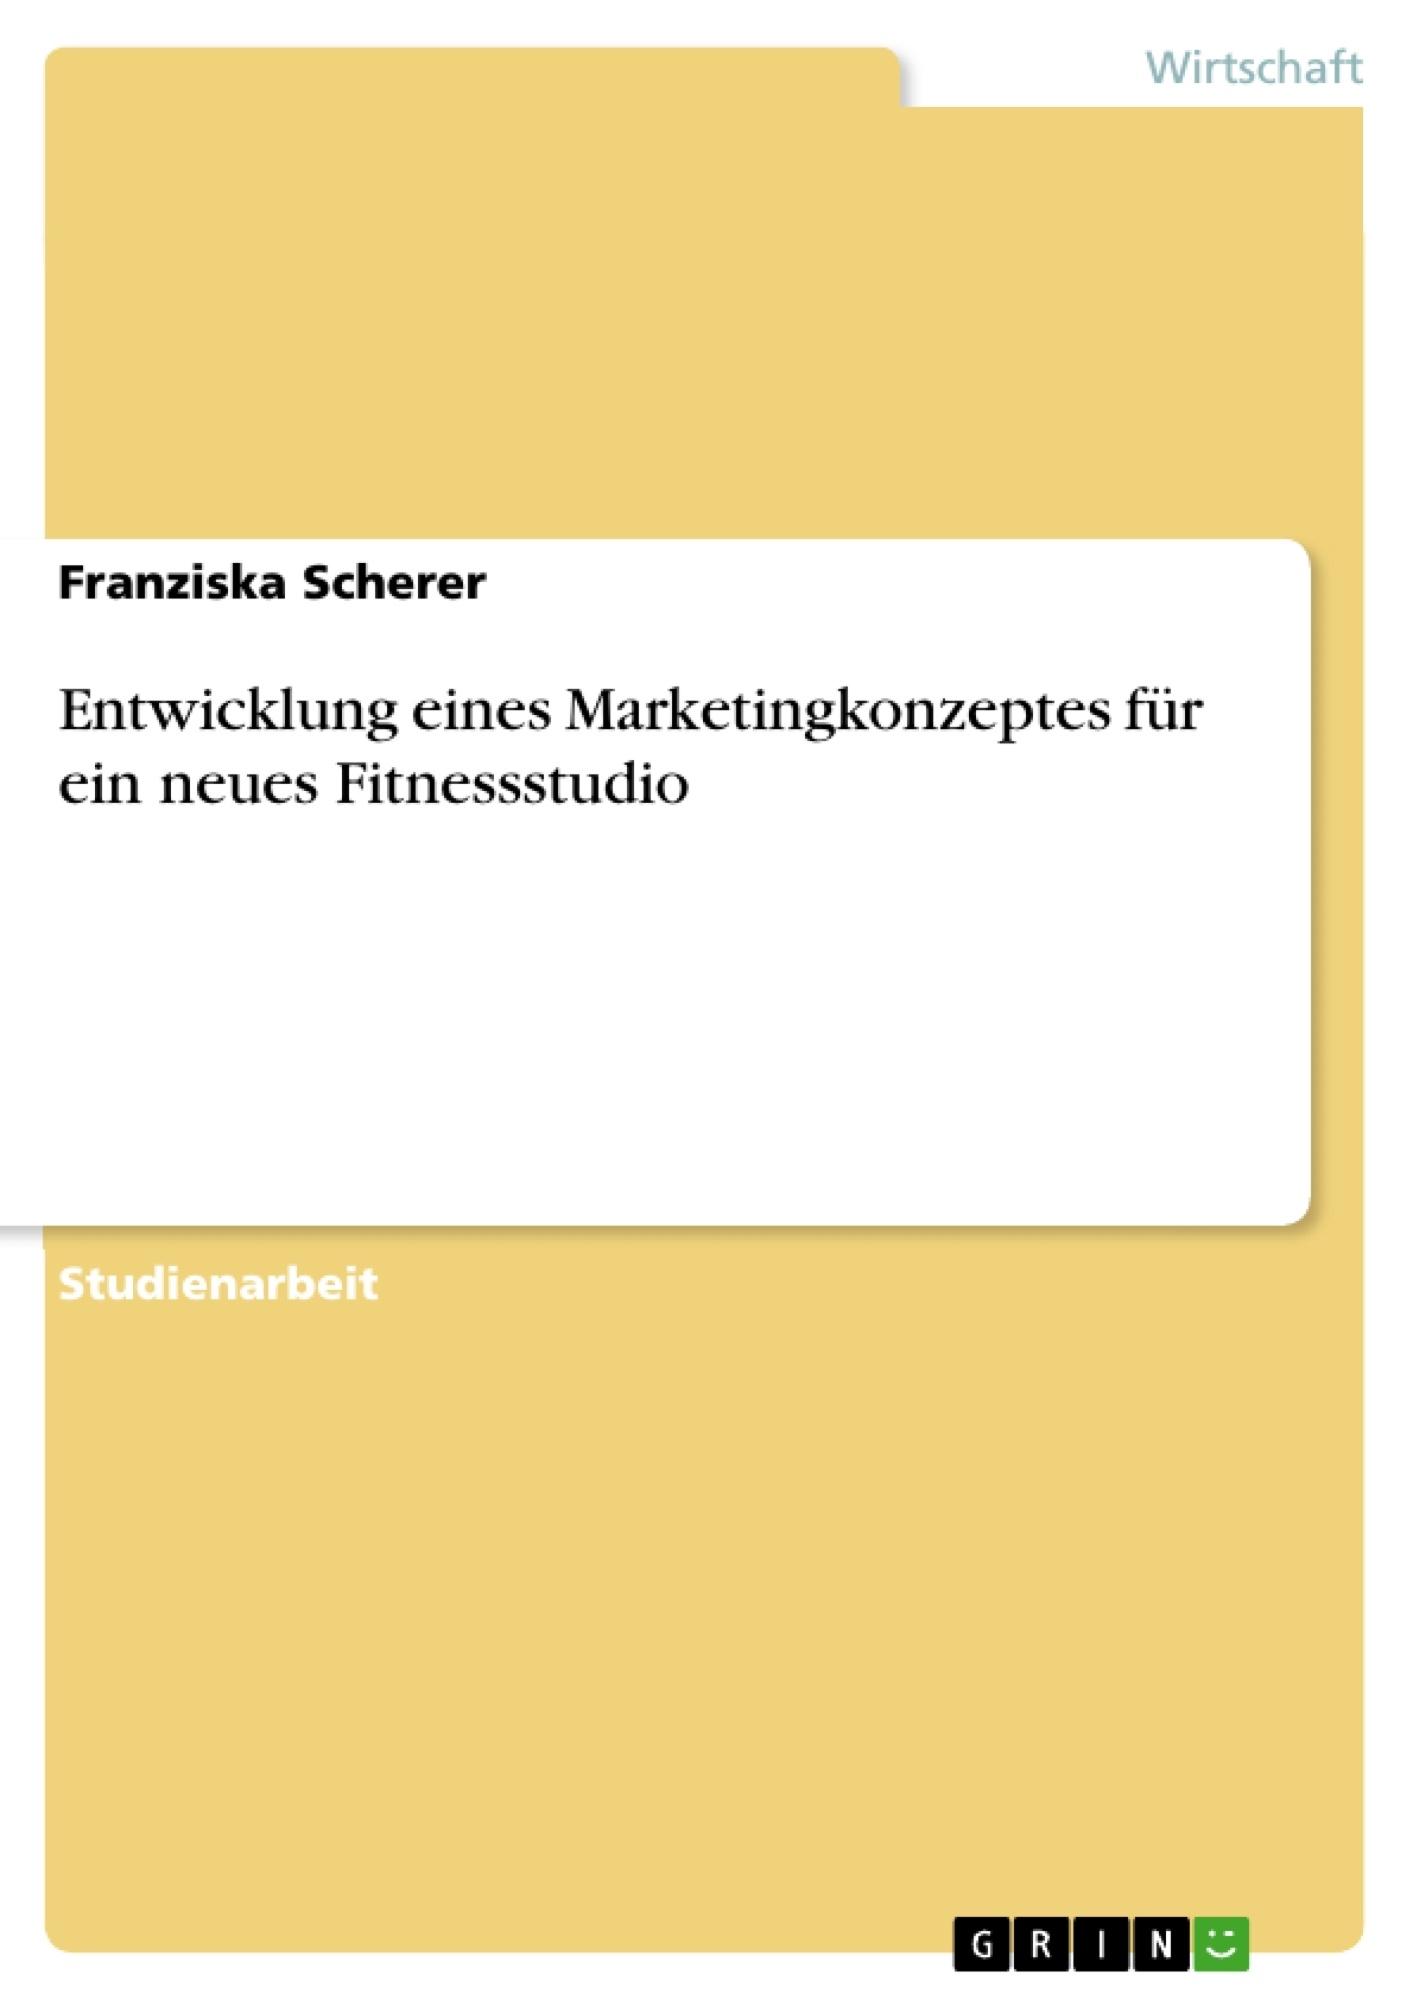 Titel: Entwicklung eines Marketingkonzeptes für ein neues Fitnessstudio